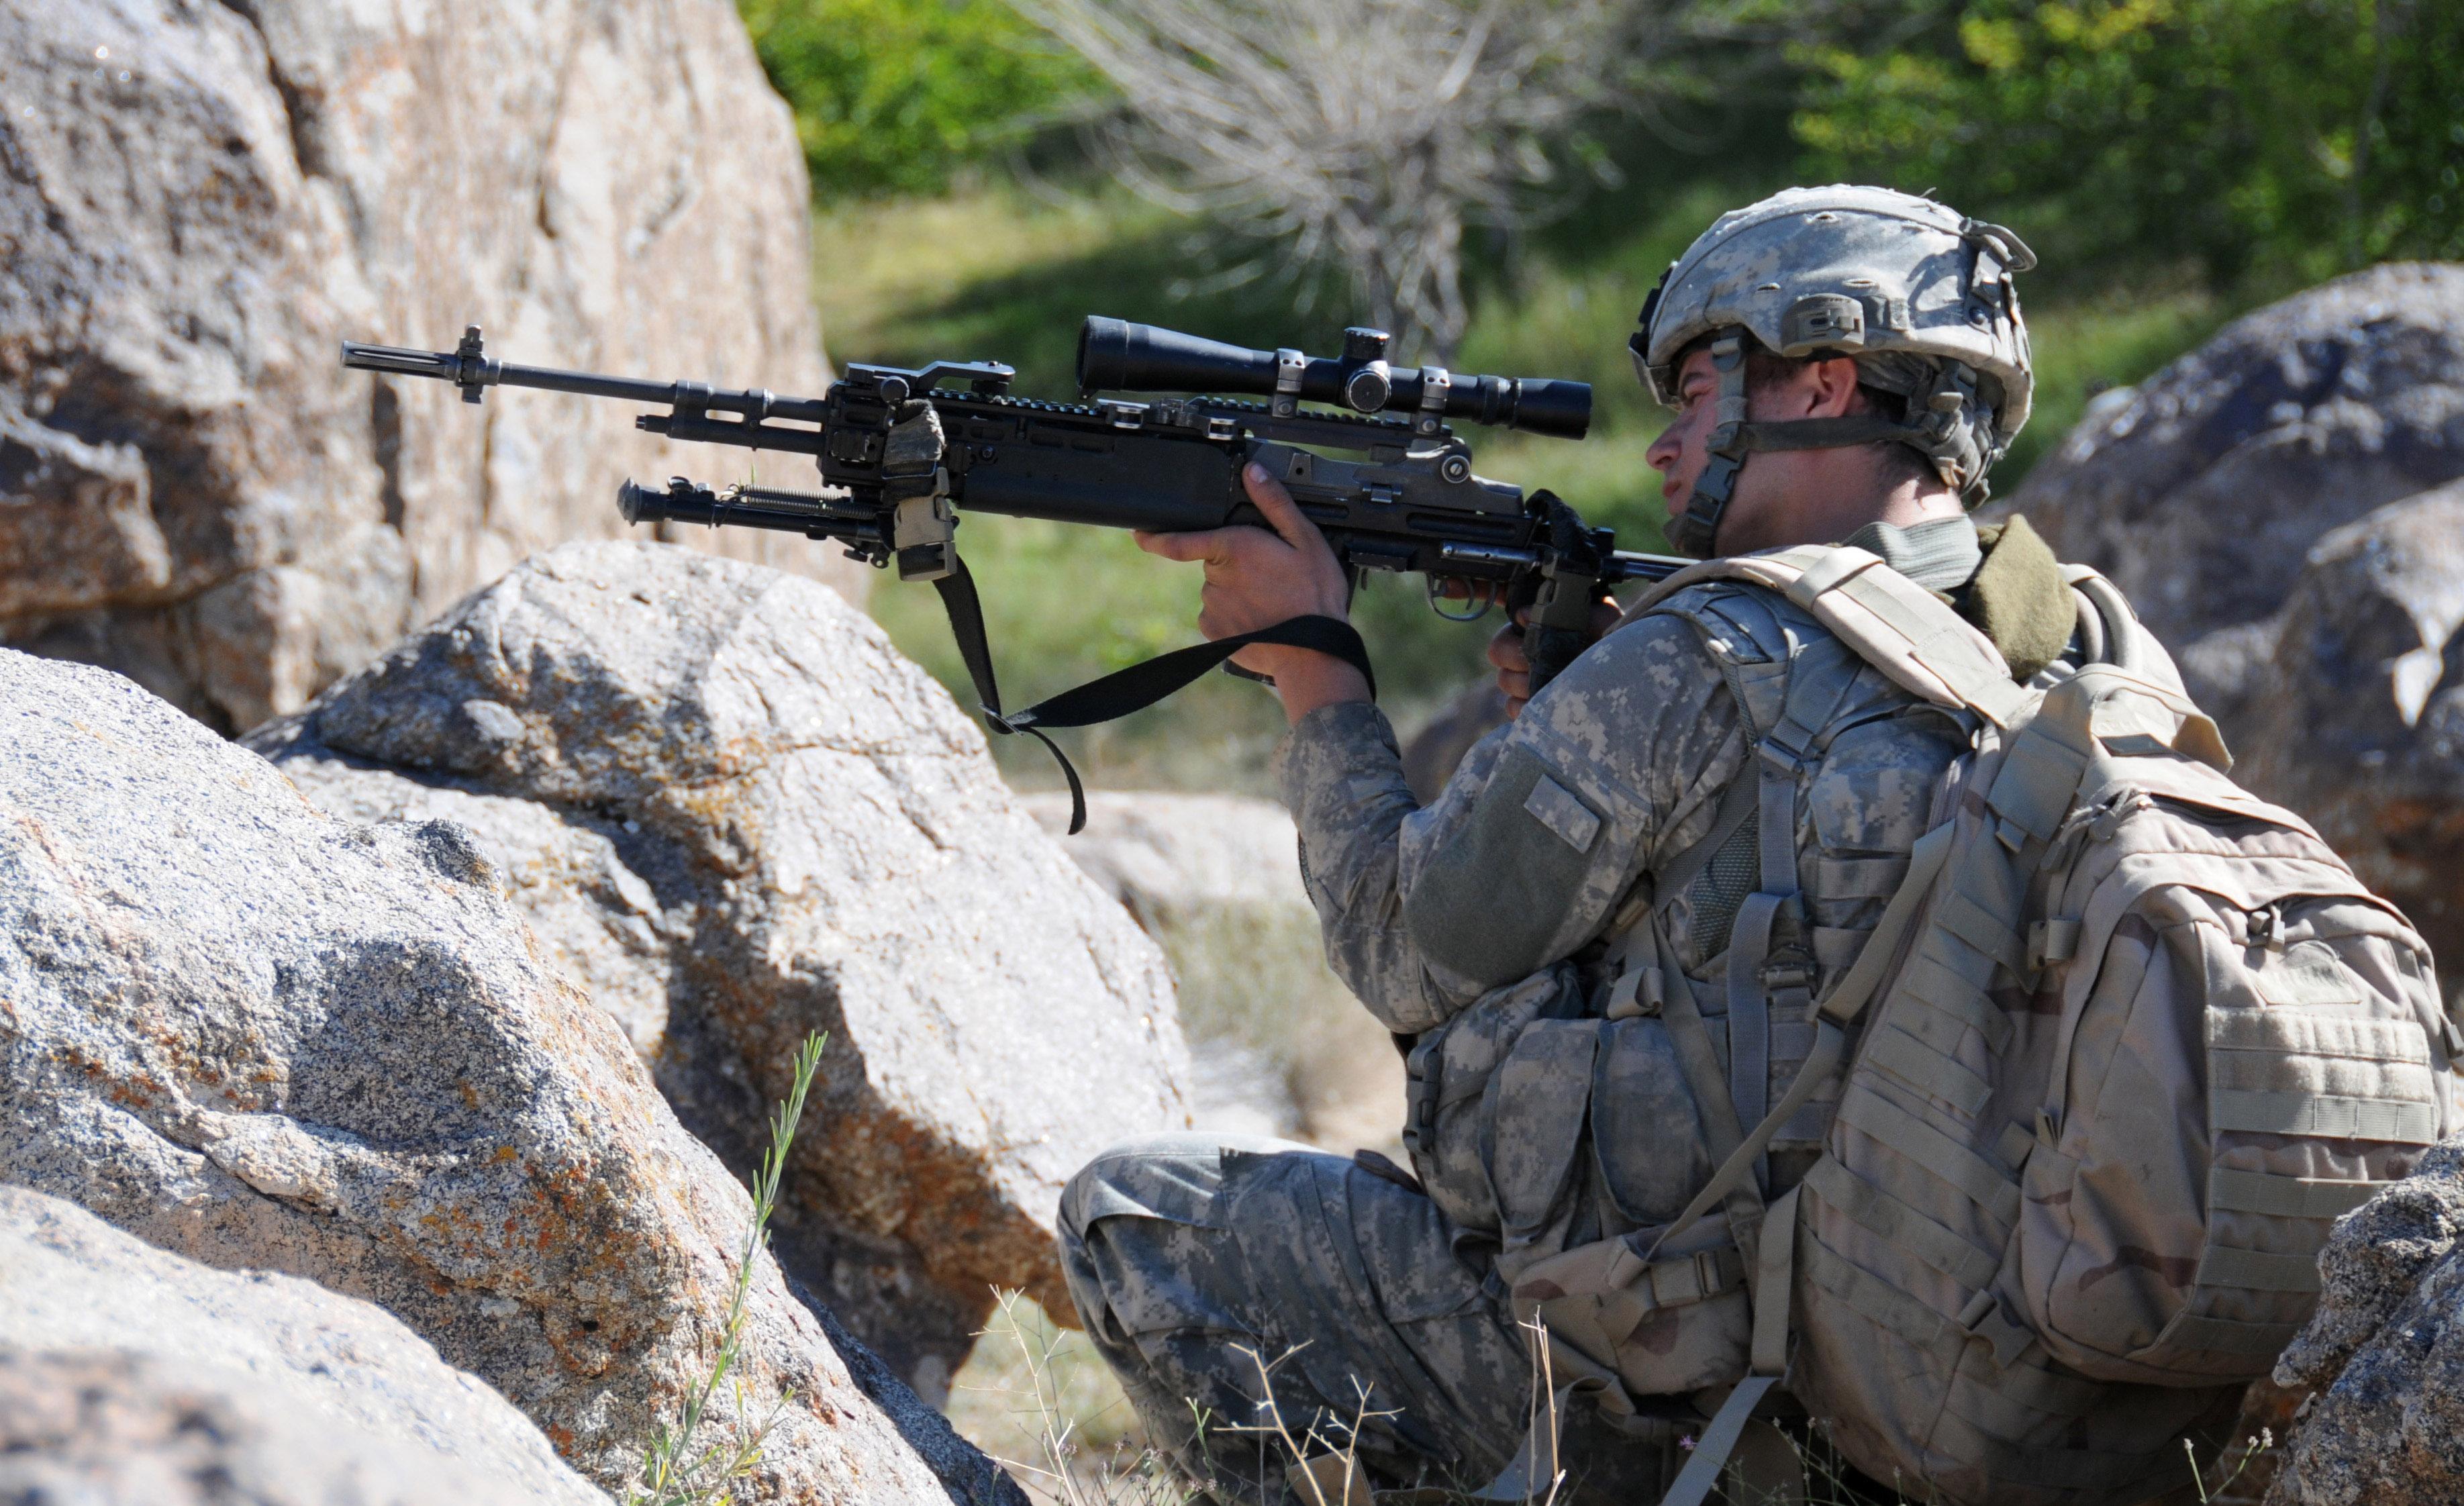 File:Defense.gov News Photo 100612-A-1619C-223 - U.S. Army Spc ...